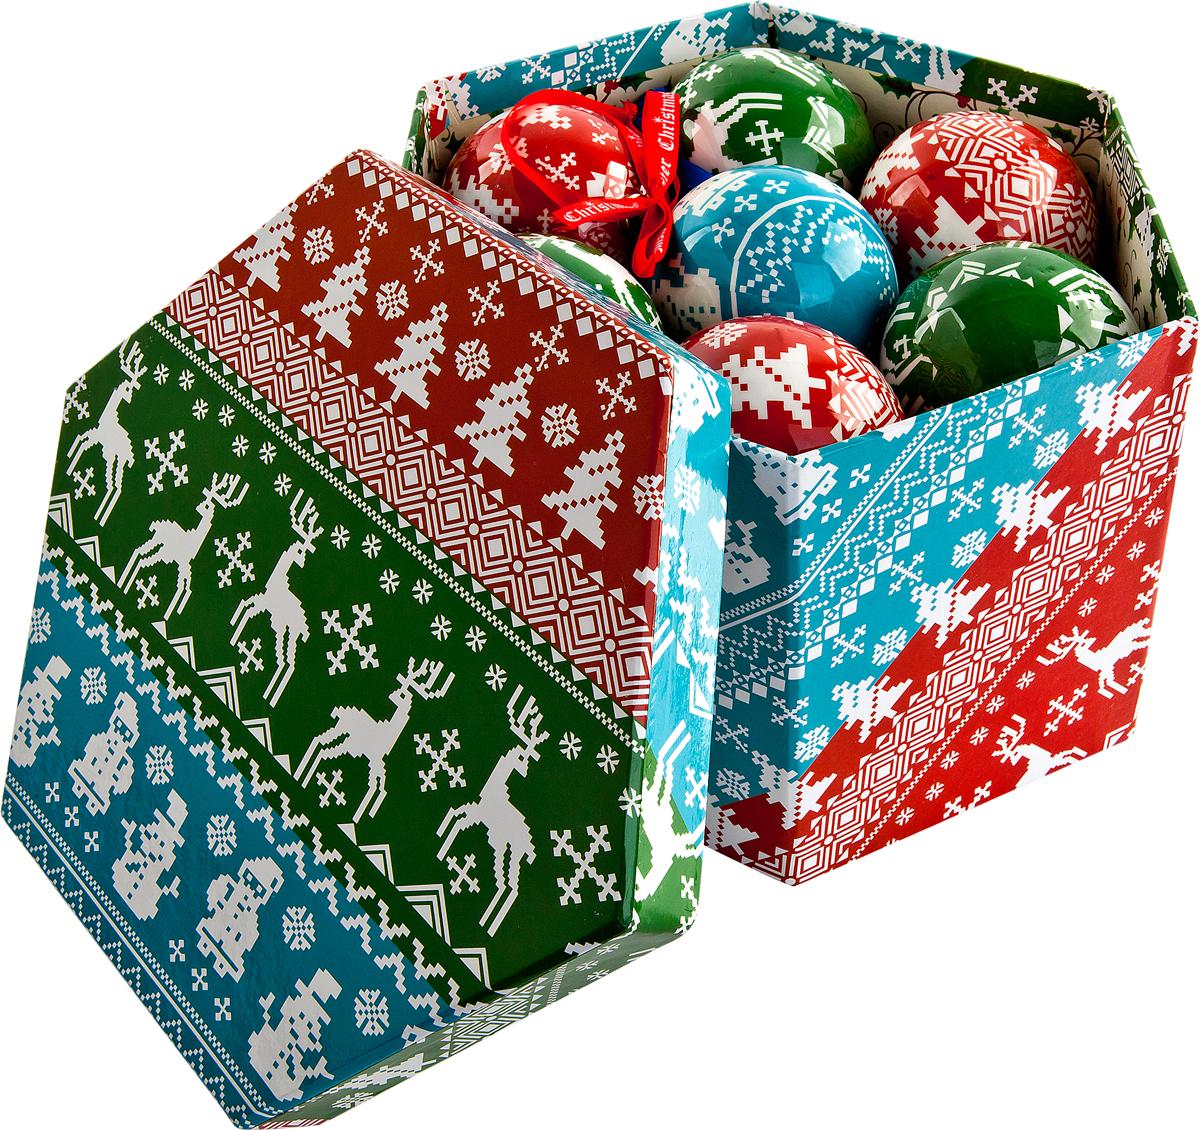 Набор новогодних подвесных украшений Mister Christmas Папье-маше, диаметр 6 см, 14 шт. PM-43-14PM-43-14Набор Mister Christmas Папье-маше состоит из 14подвесных украшений ручной работы, изготовленных втехнике папье-маше. Такие шары очень легкие, но в то жевремя удивительно прочные. На создание одной такойигрушки уходит несколько дней. И в результате получаетсянастоящее произведение искусства!Все изделия оснащены атласной ленточкой с логотипомбренда Mister Christmas для подвешивания.Такие украшения станут превосходным подарком кНовому году, а также дополнят коллекцию оригинальныхновогодних елочных игрушек.